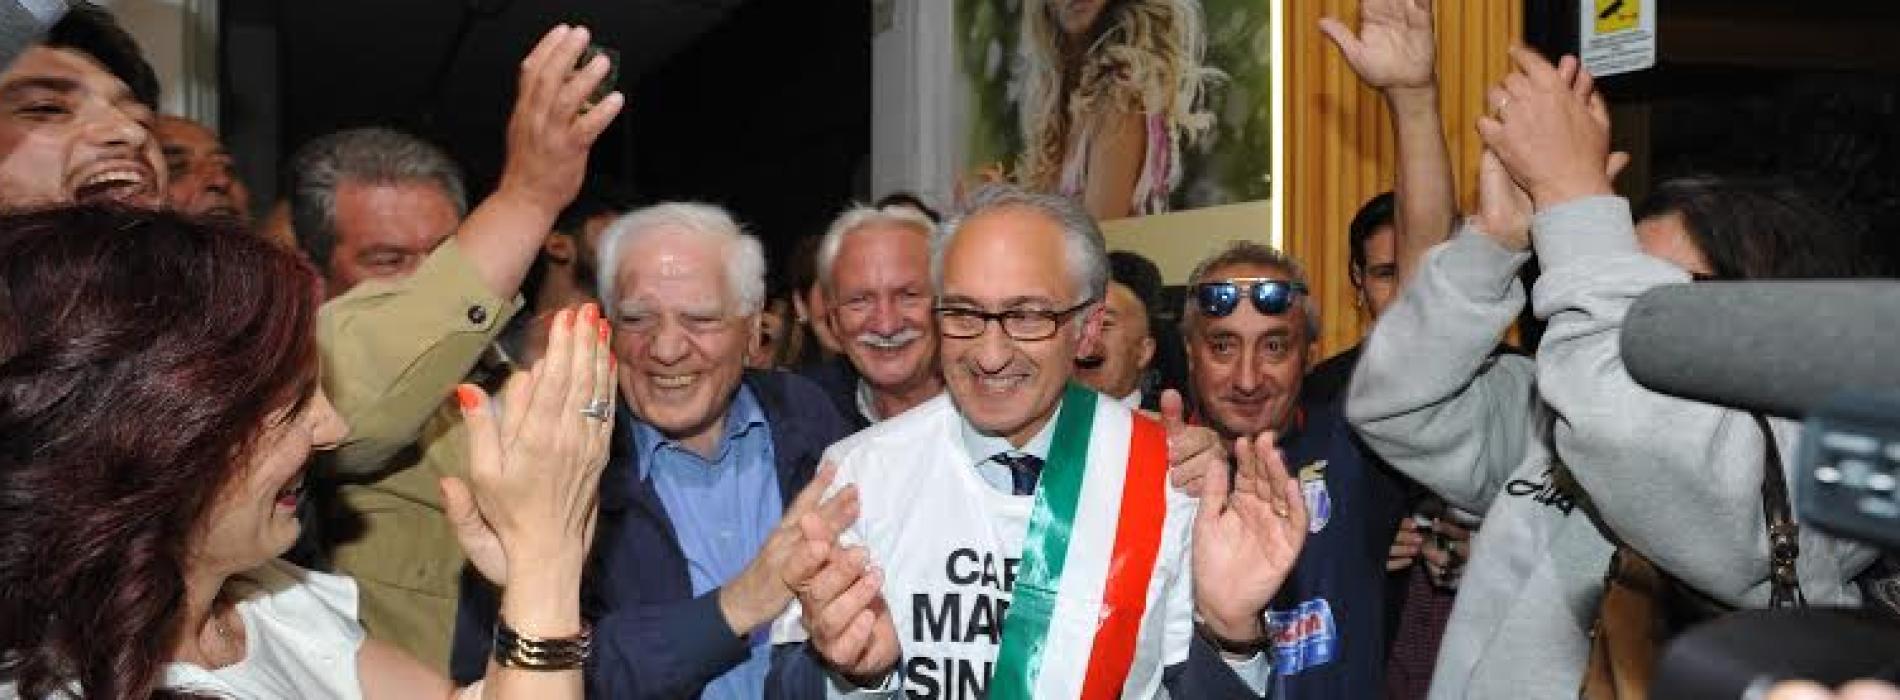 Carlo Marino è ufficialmente sindaco. Domani passaggio di consegne